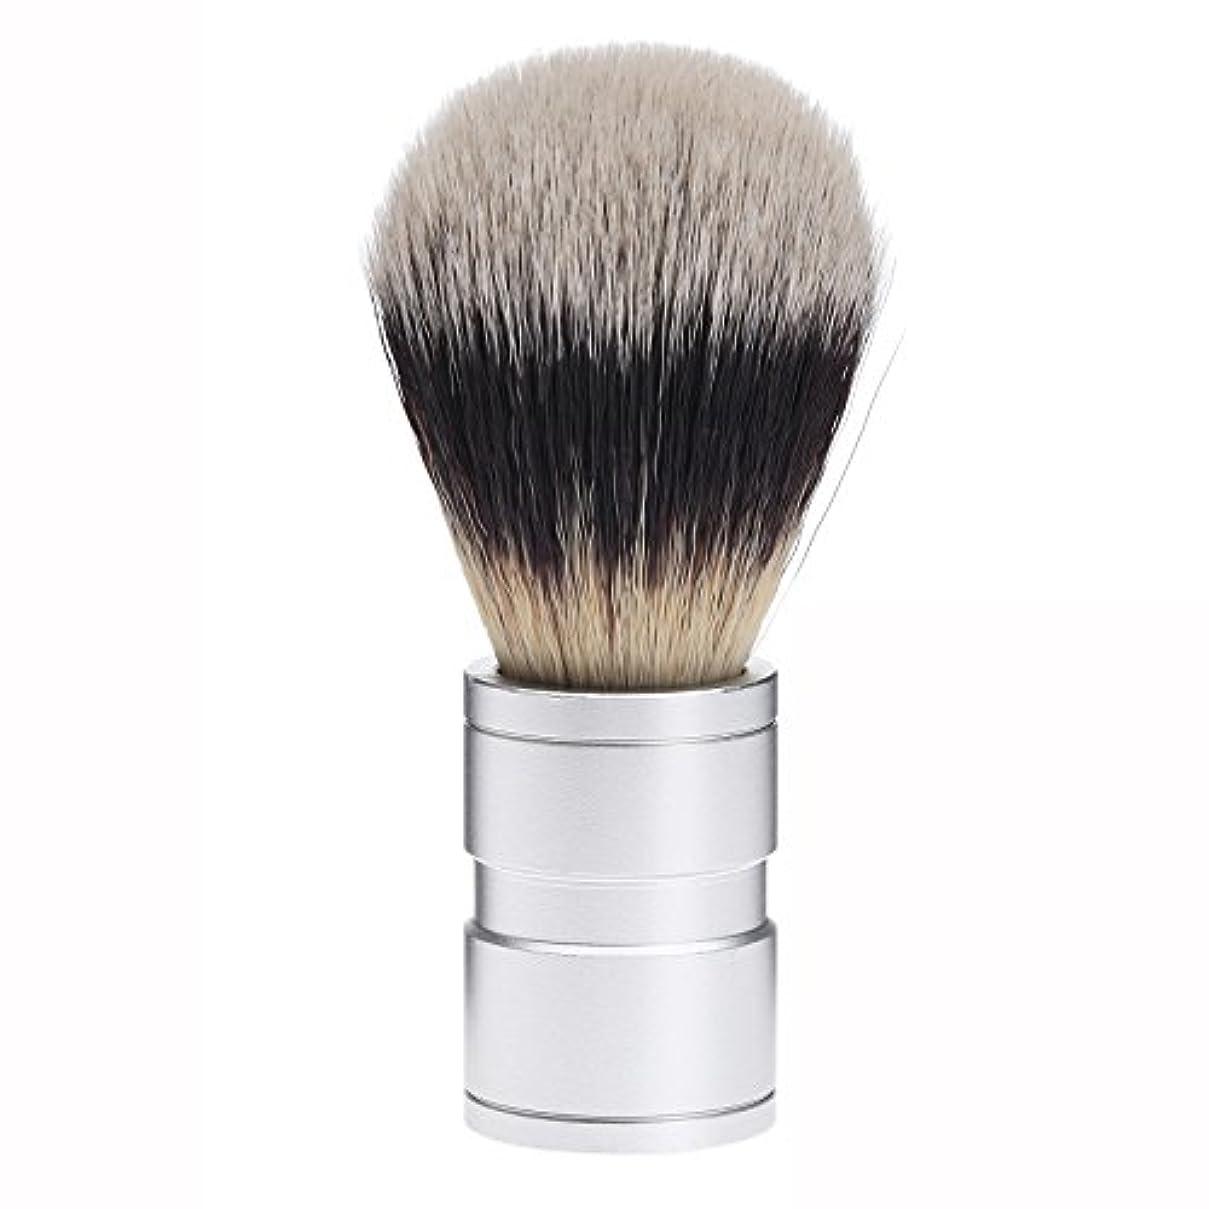 解決やむを得ない思いやりDophee  シェービング用ブラシ シェービングブラシ メンズ 洗顔ブラシ イミテーションアナグマ毛 ファイン模倣 理容 洗顔 髭剃り